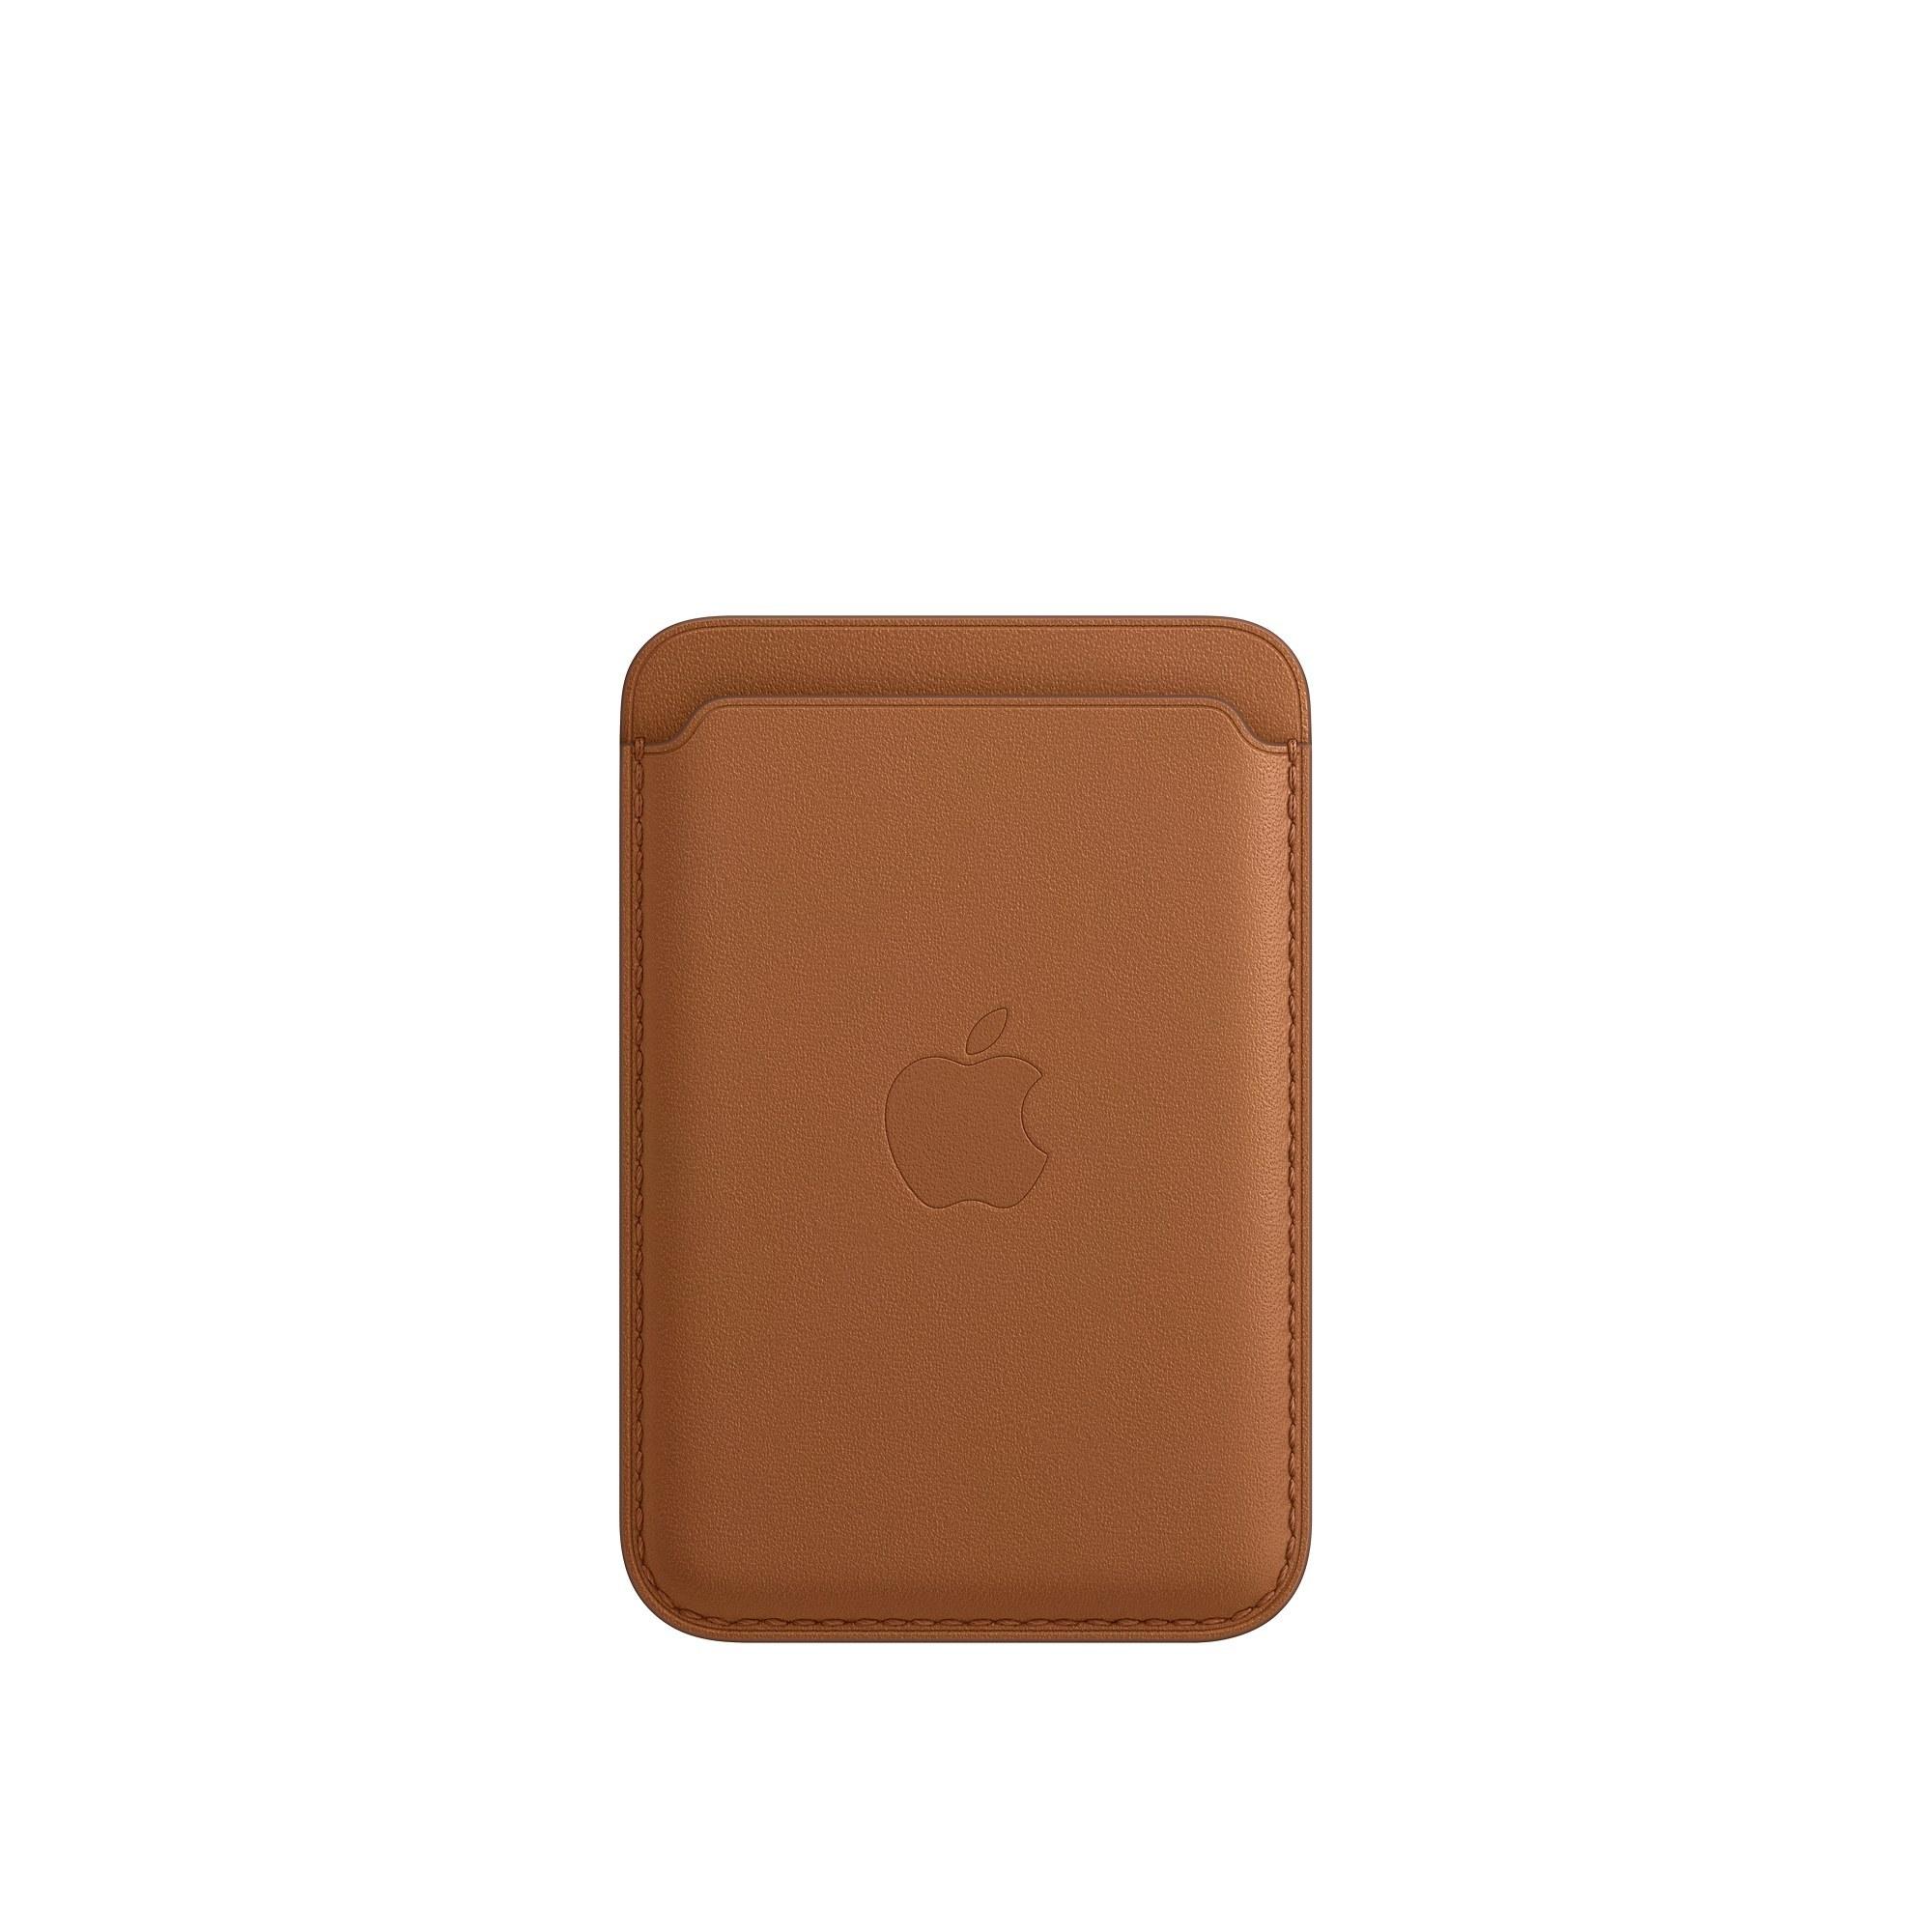 تصویر جاکارتی مگ سیف اپل Leather wallet magsafe